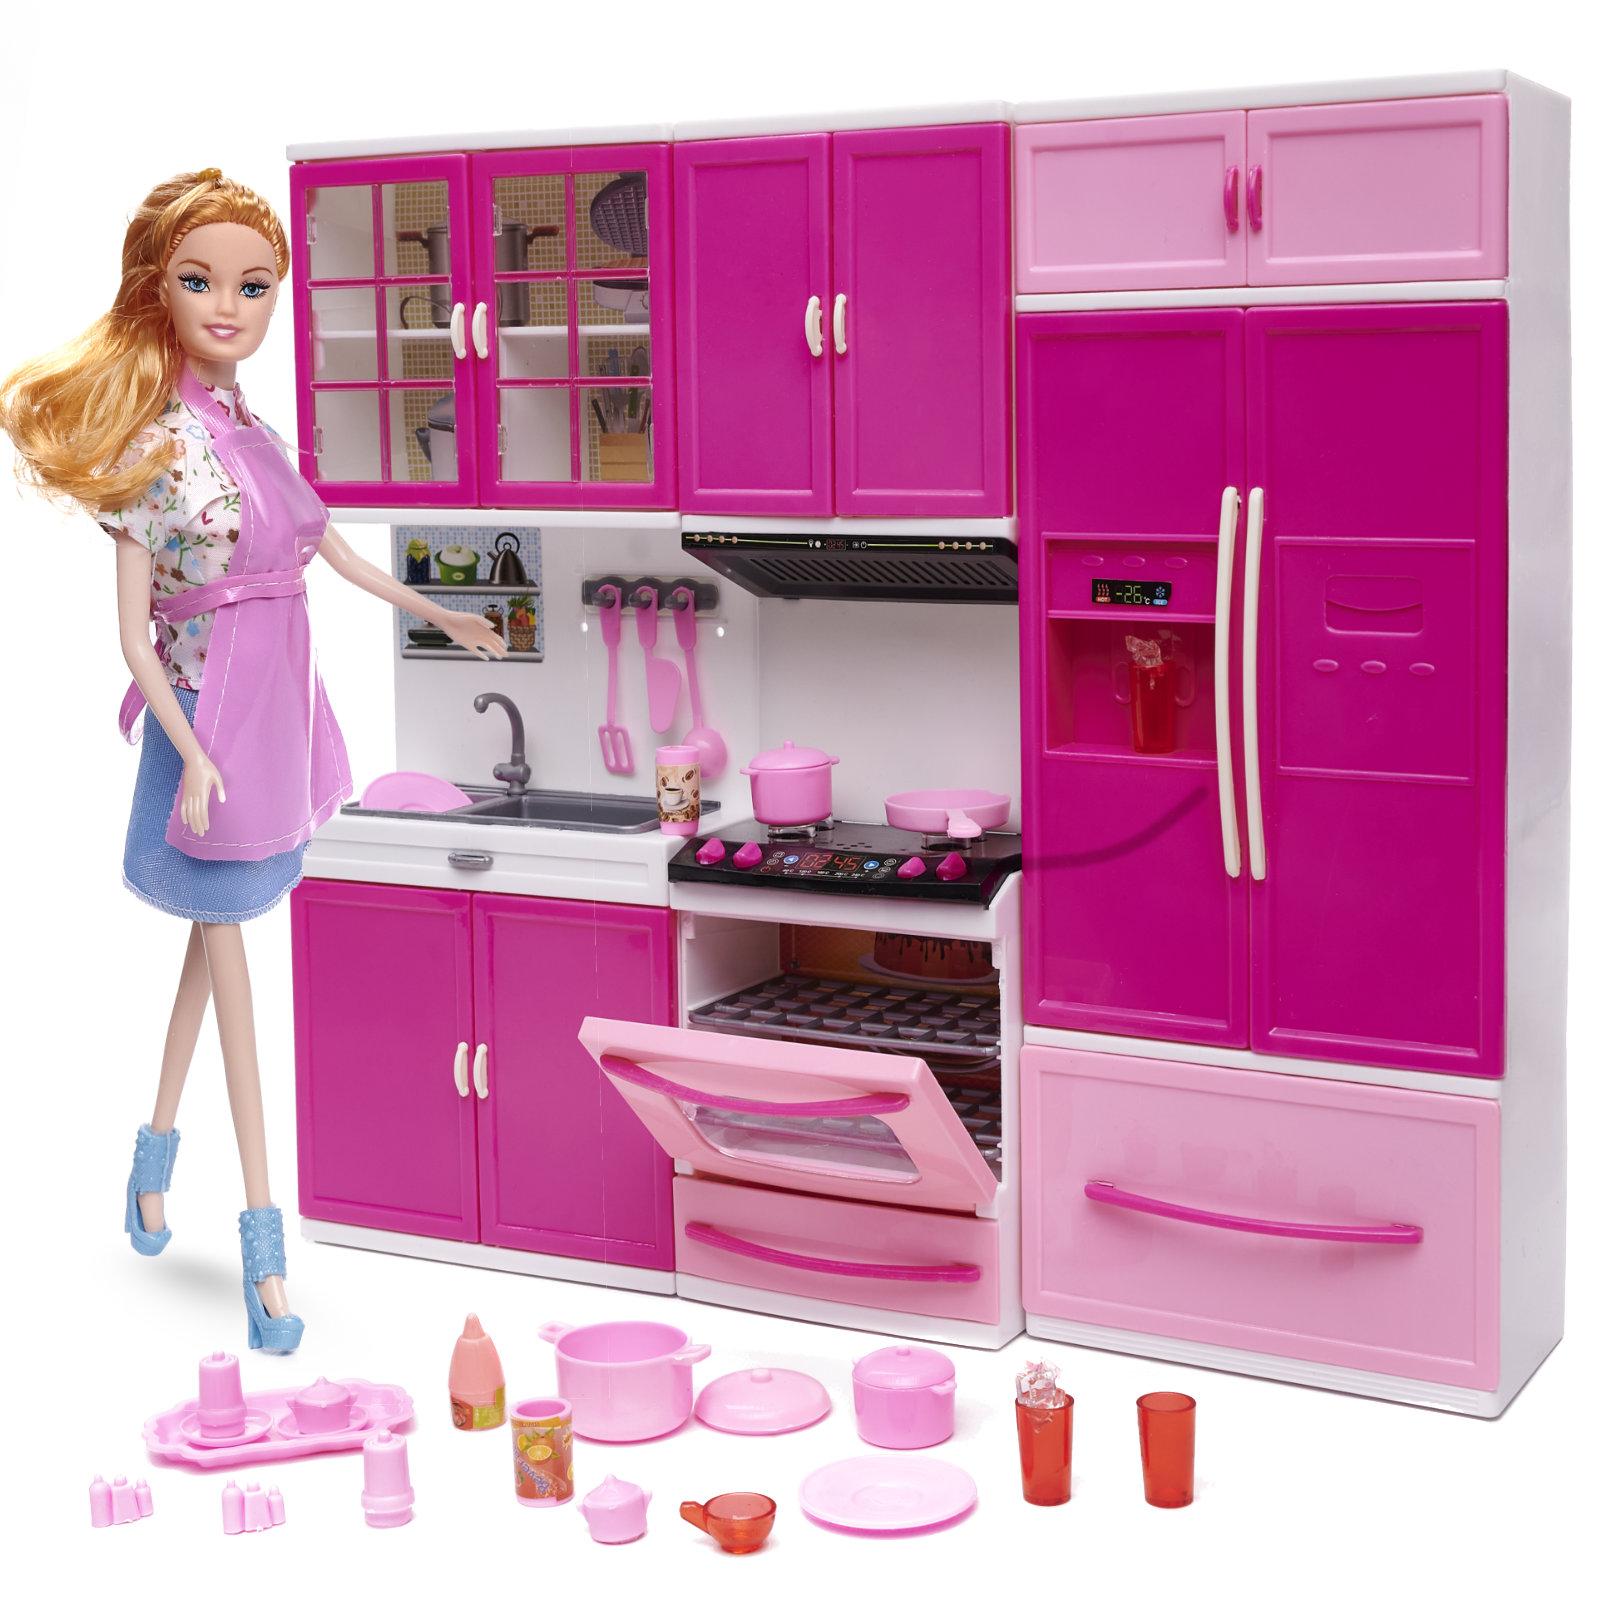 KIK Kuchynka pre bábiky sa 3 segmenty + bábika, KX6783